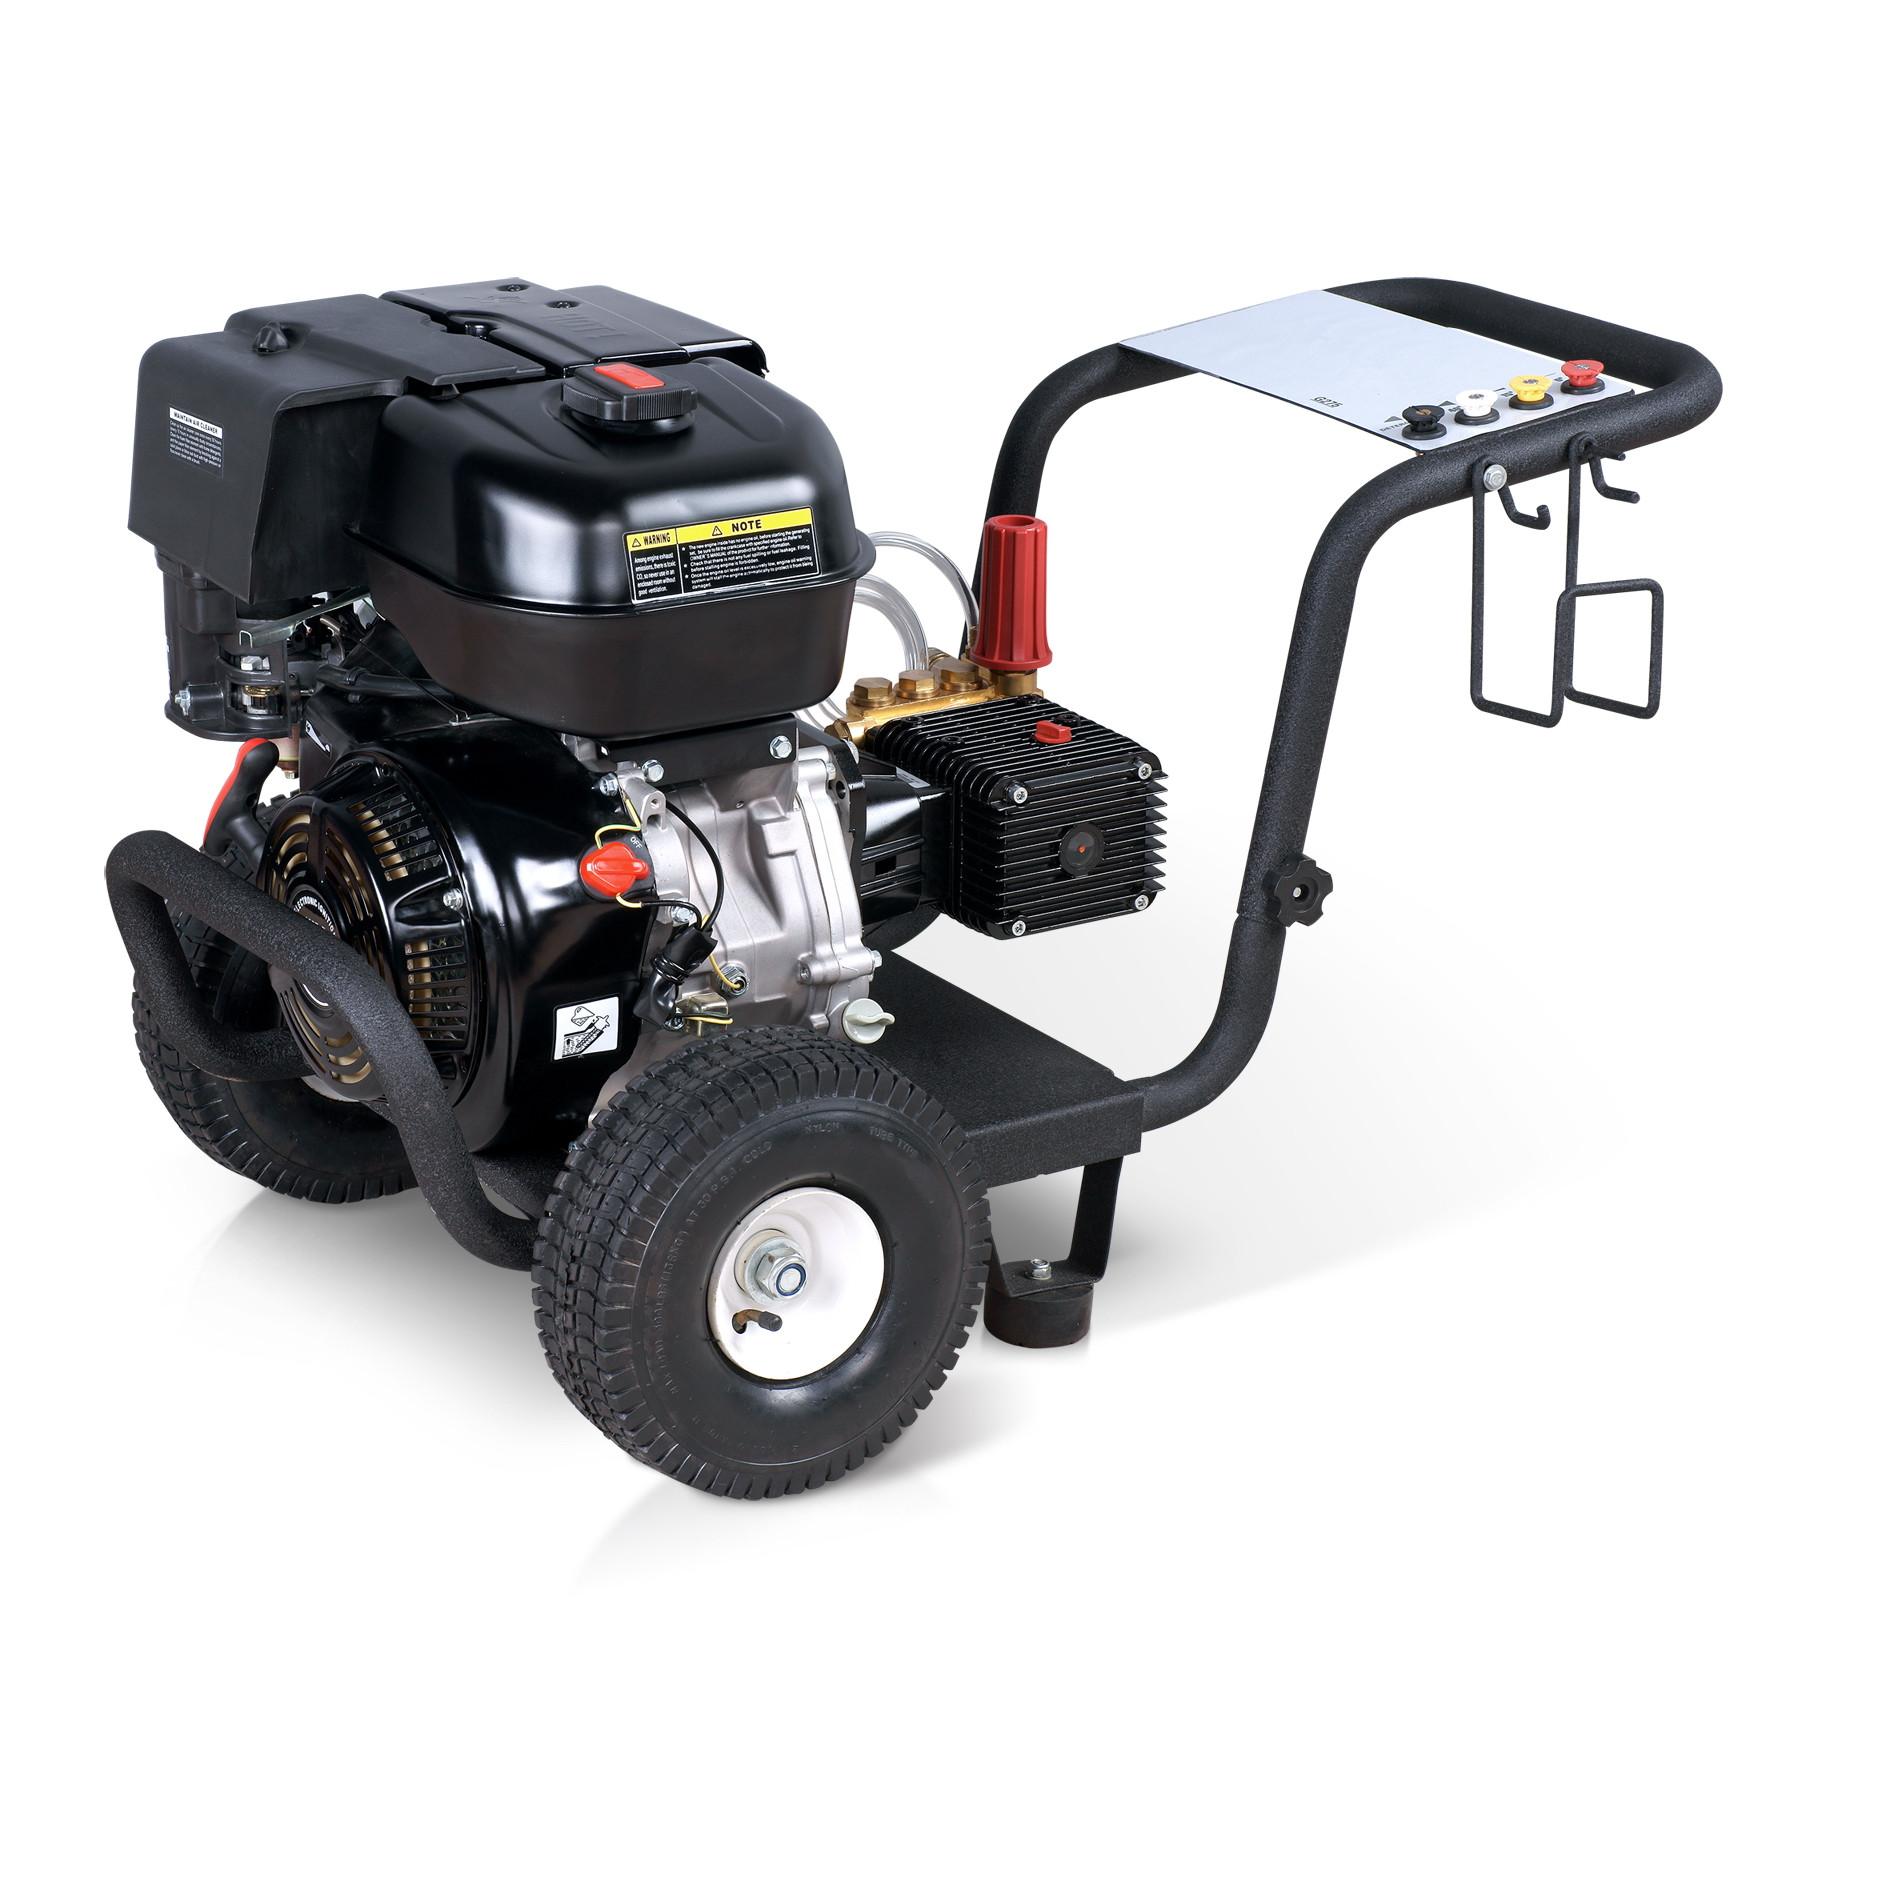 TG-G275汽油高压清洗机